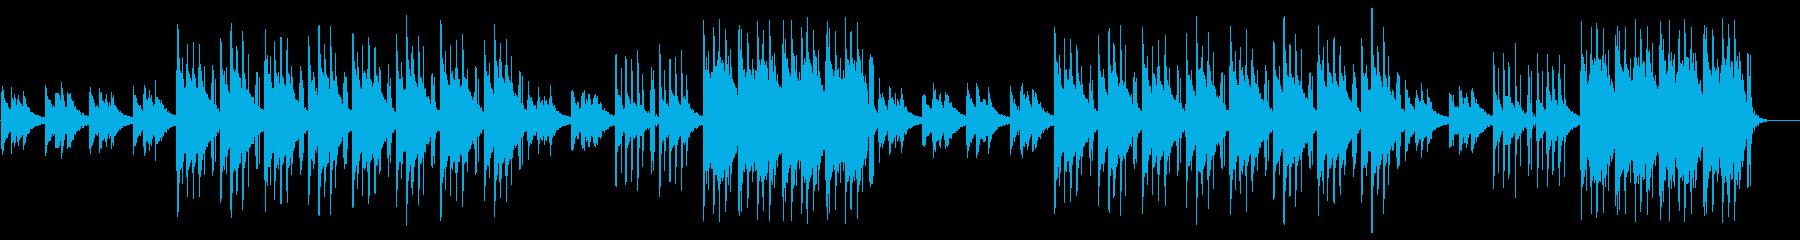 チルアウト lo-fiヒップホップの再生済みの波形